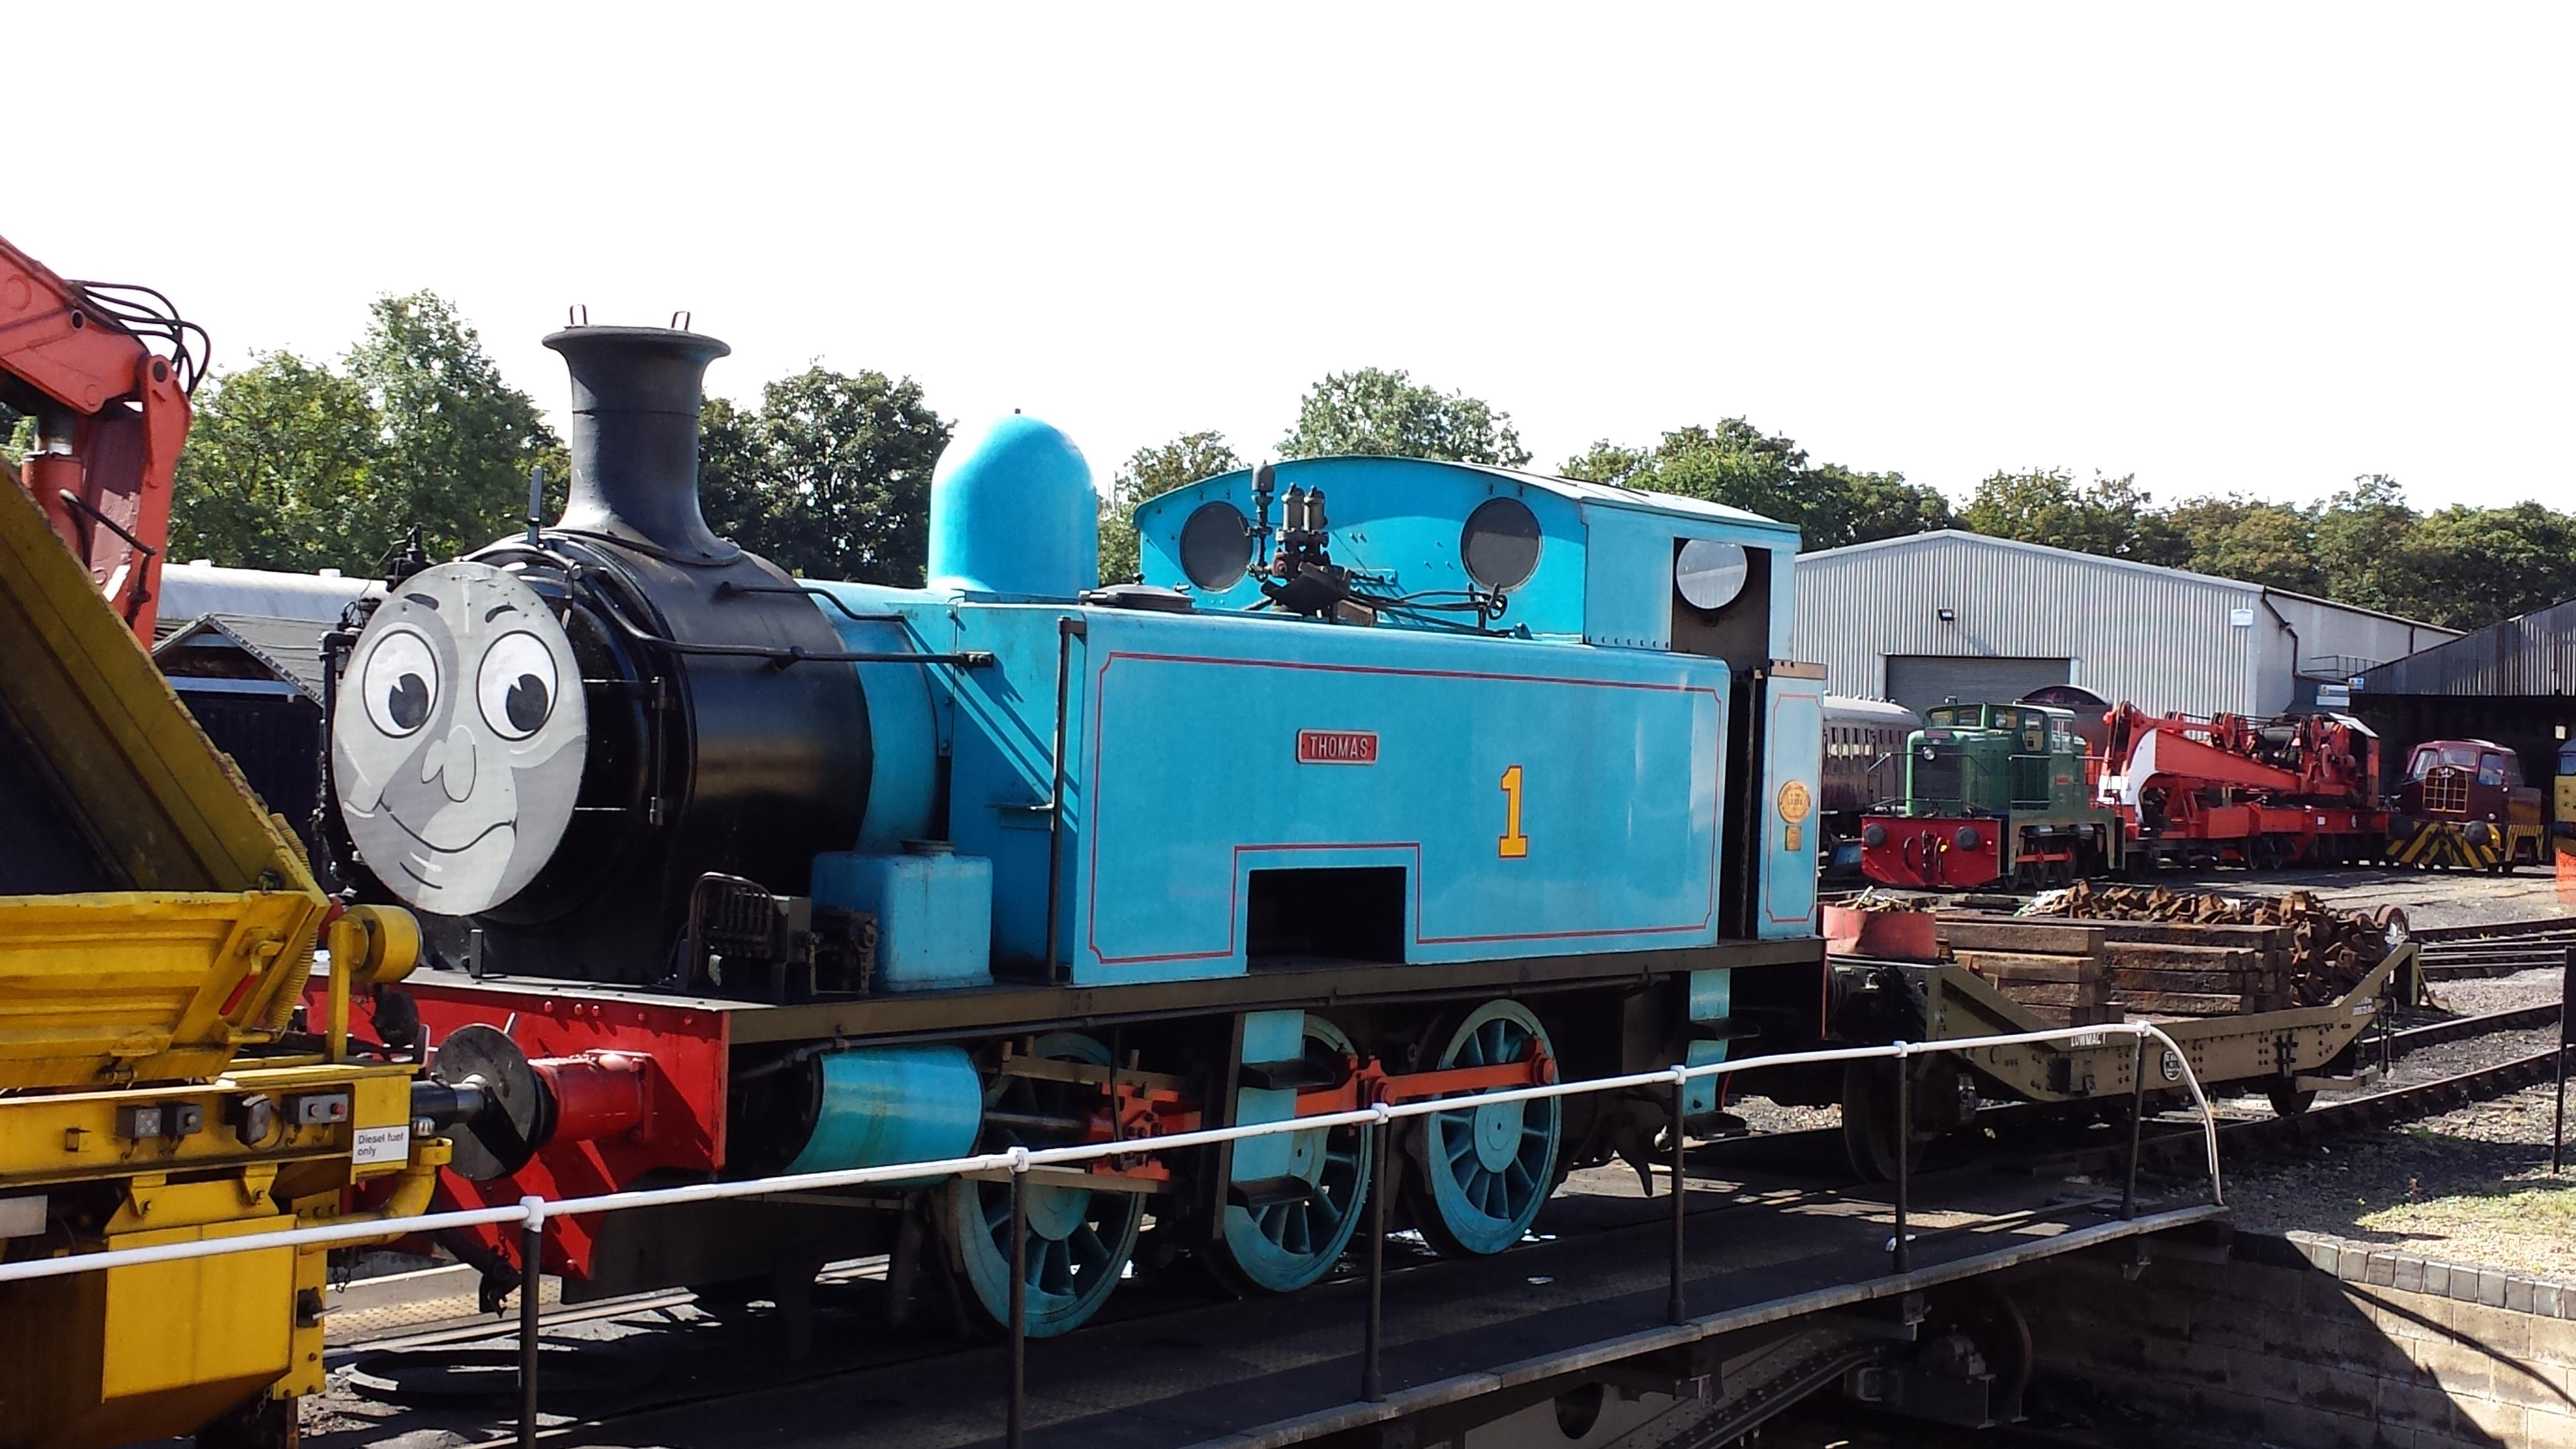 Steam trains and street theatre | ewn ha cul